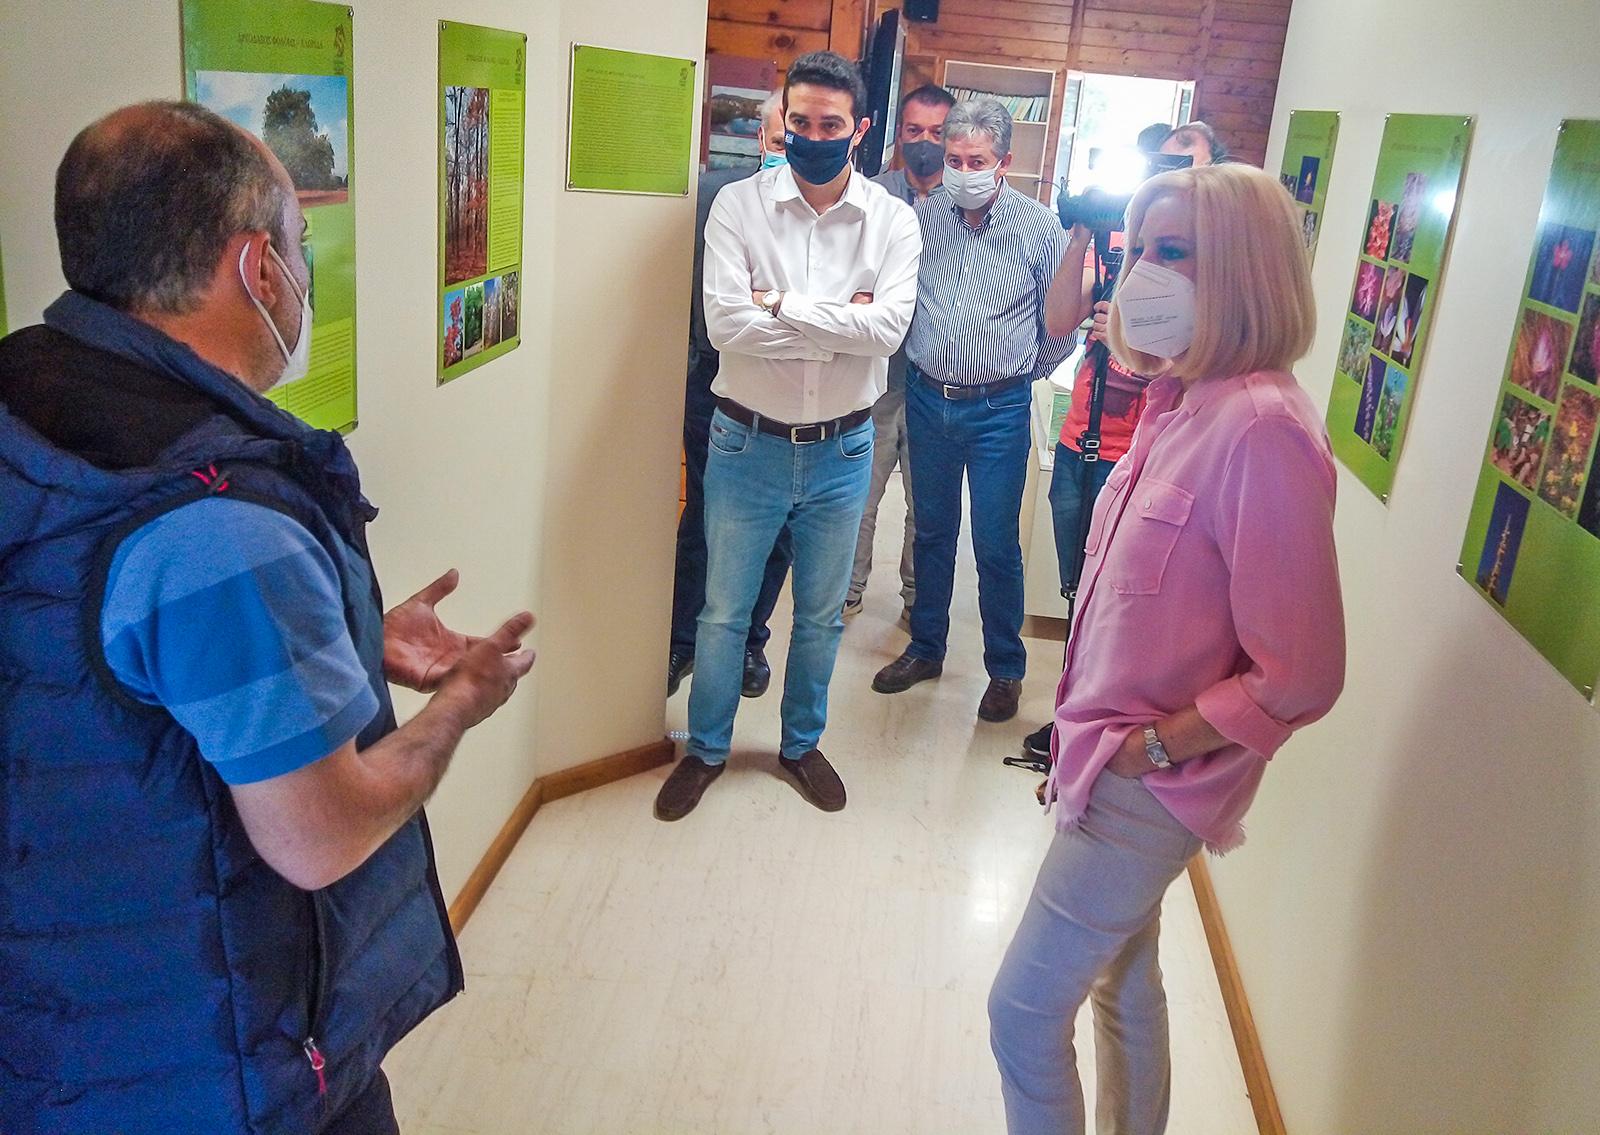 Φώφη Γεννηματά από τη Φολόη: Το δάσος Φολόης μπορεί να γίνει πρότυπο οικολογικής και τουριστικής ανάπτυξης (photos)